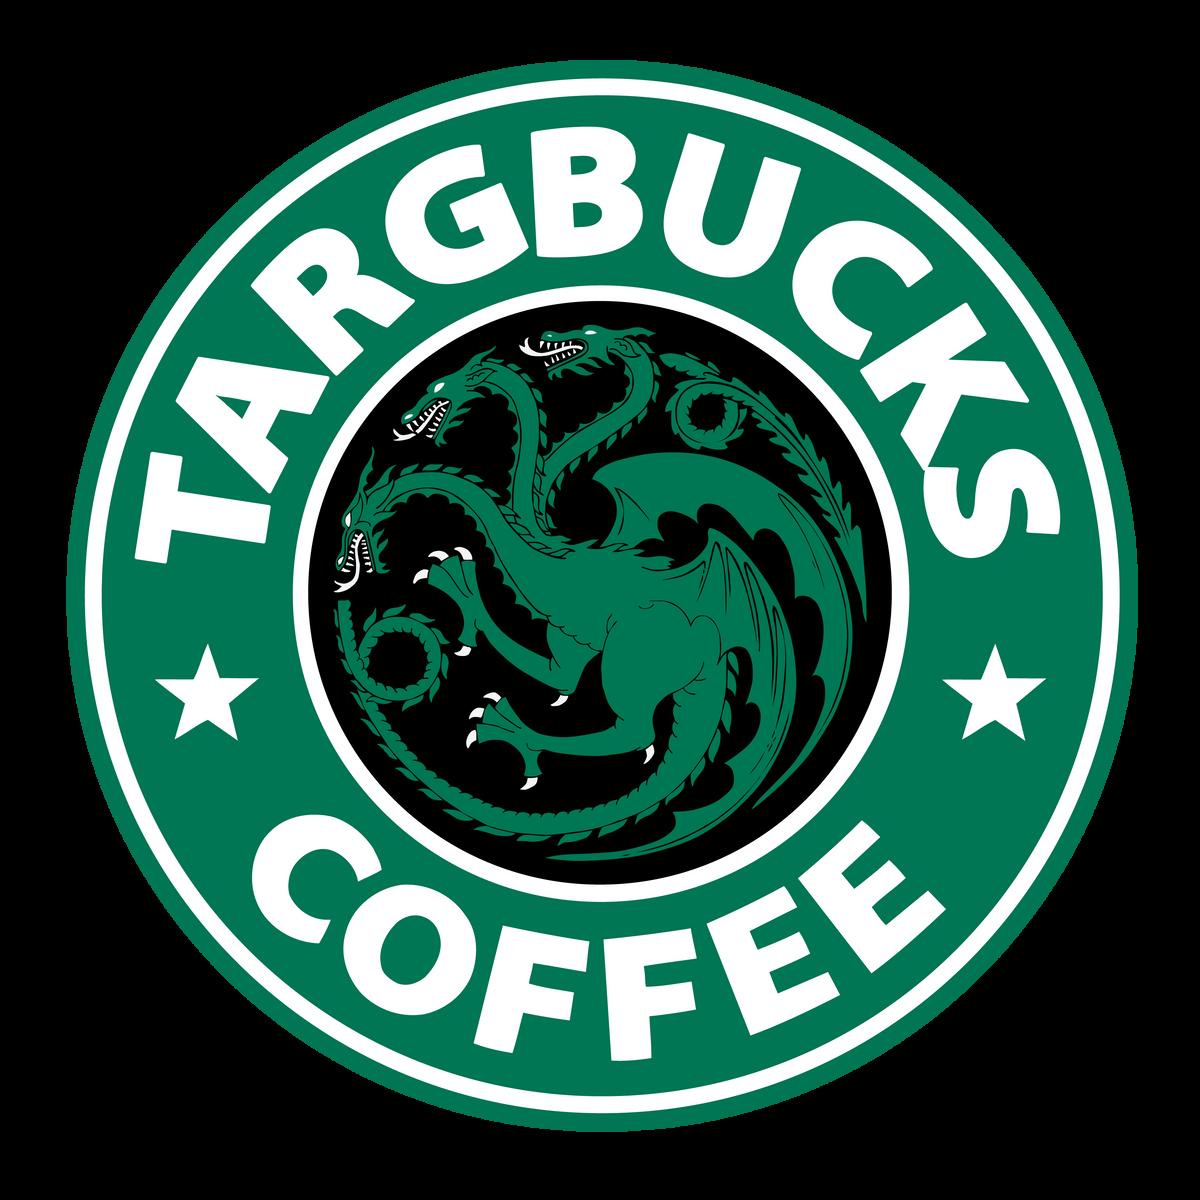 Targbucks Tee